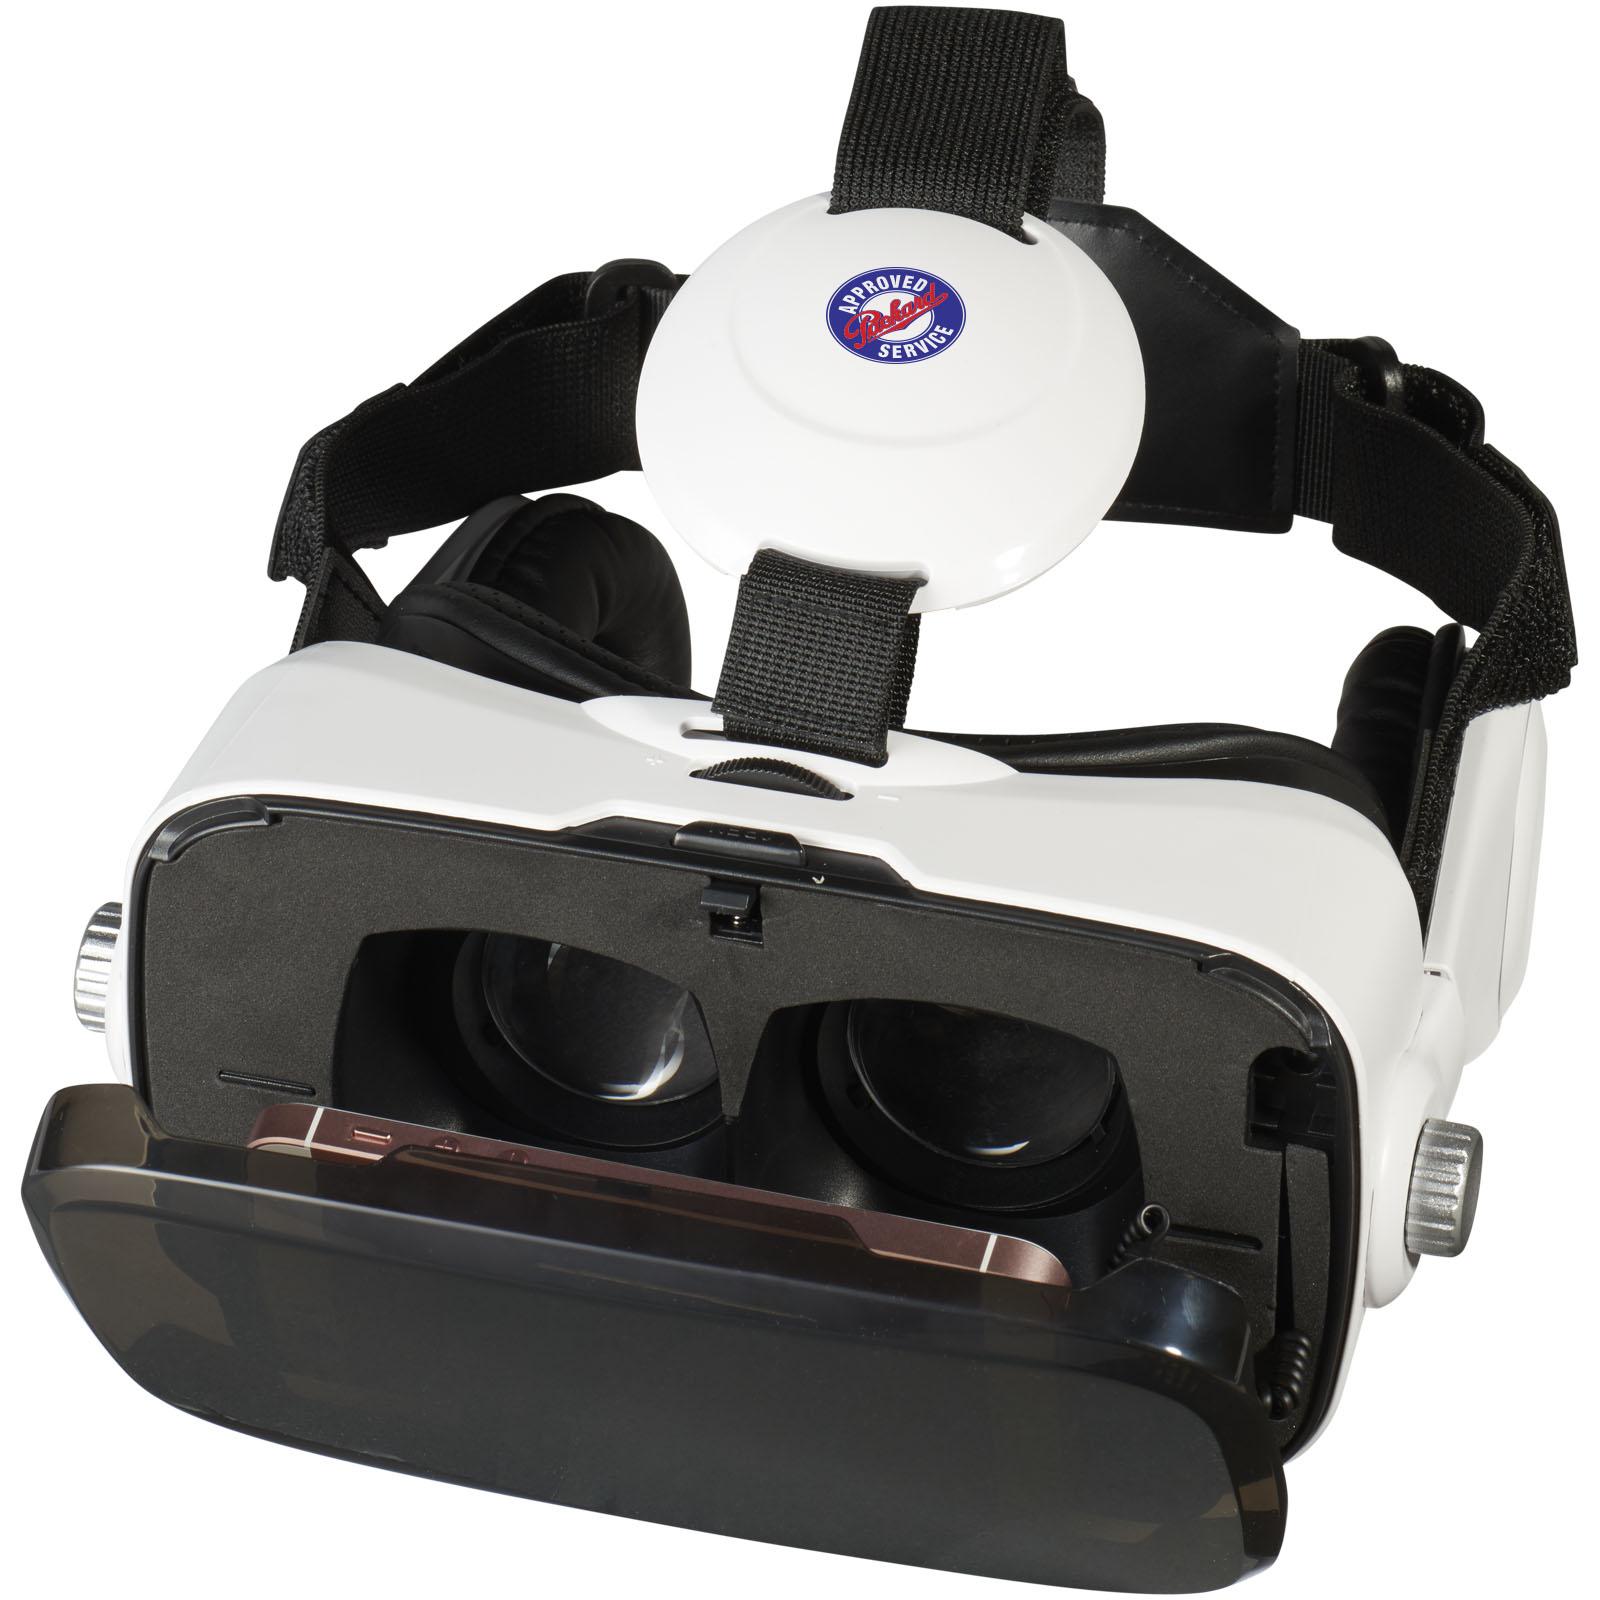 0a5fe2be374b87 VR set met hoofdtelefoon bedrukken  - Voordelig   snel bestellen